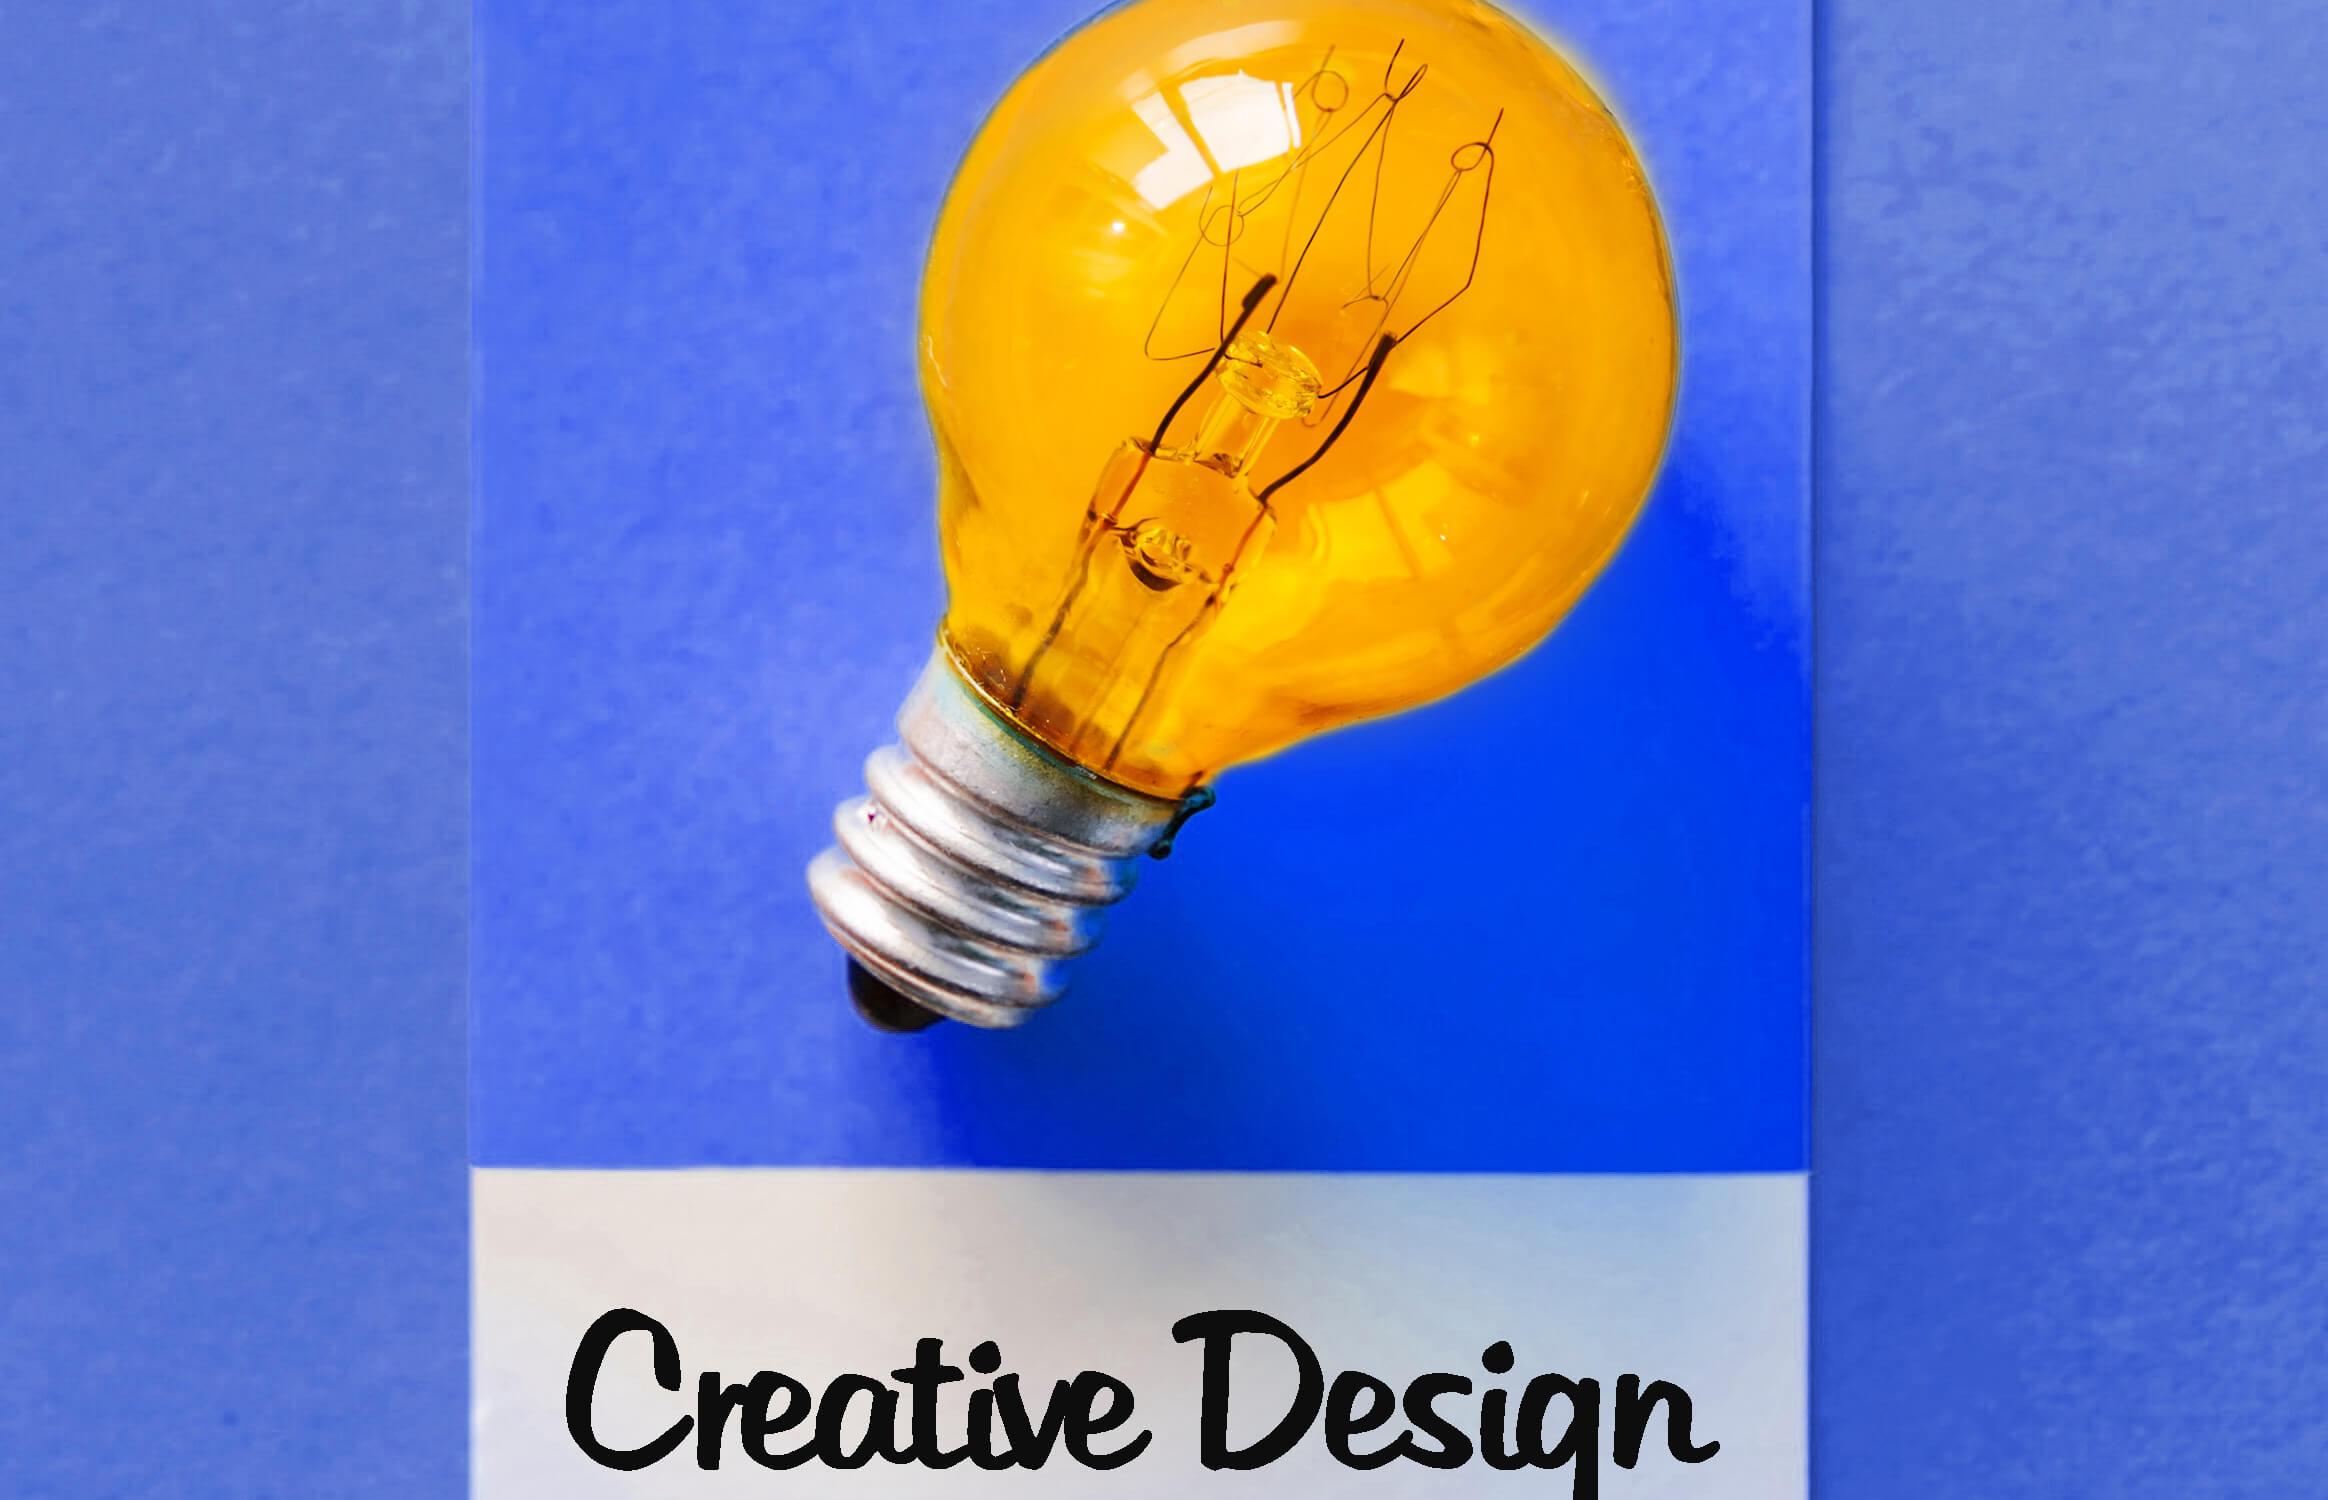 Creative Design - Ligthbulb Polaroid